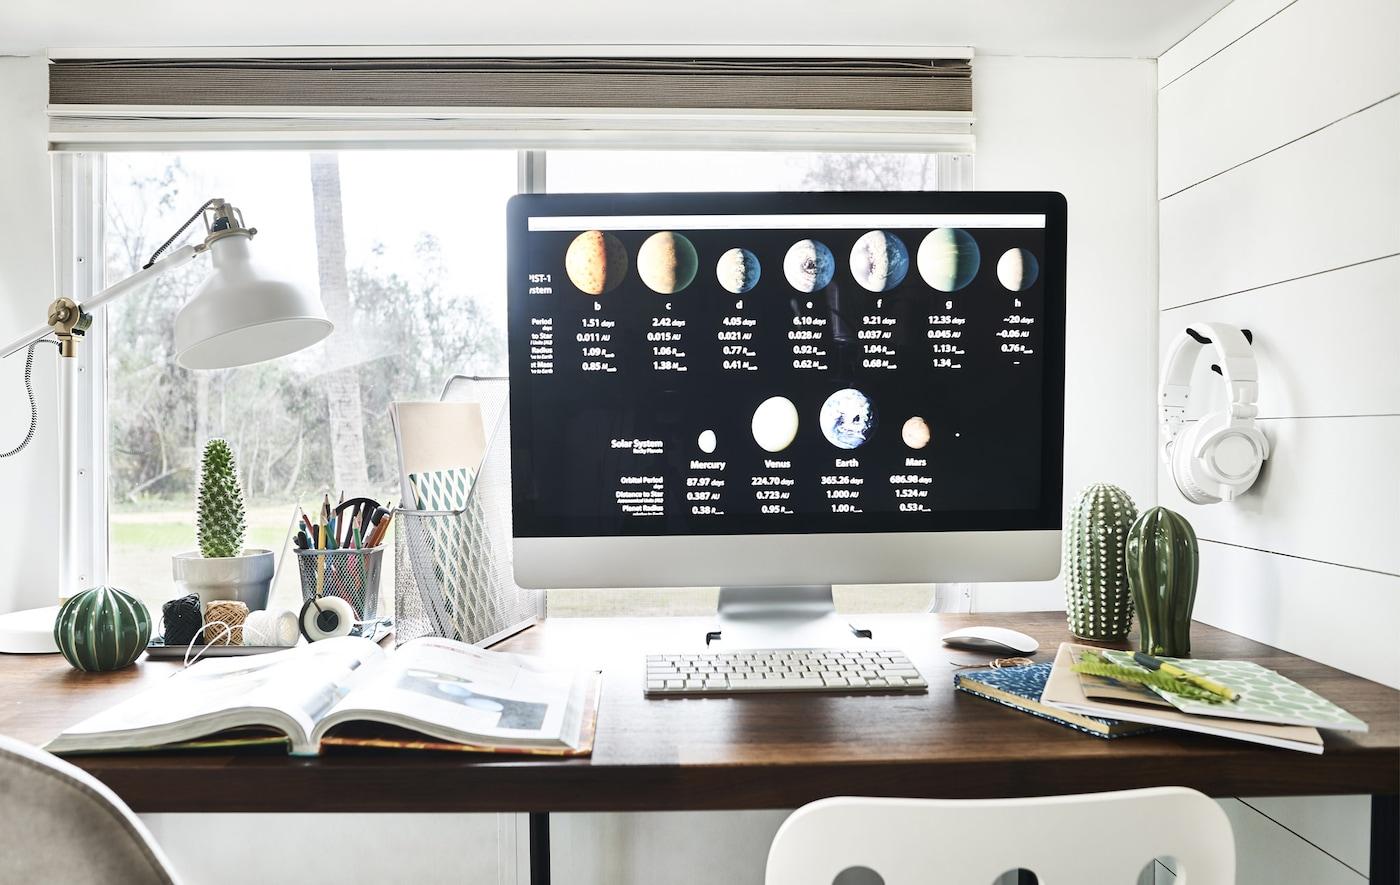 Ein Computermonitor auf einem Schreibtisch, auf dem außerdem Notizblöcke, Ordner und eine Leuchte zu sehen sind.